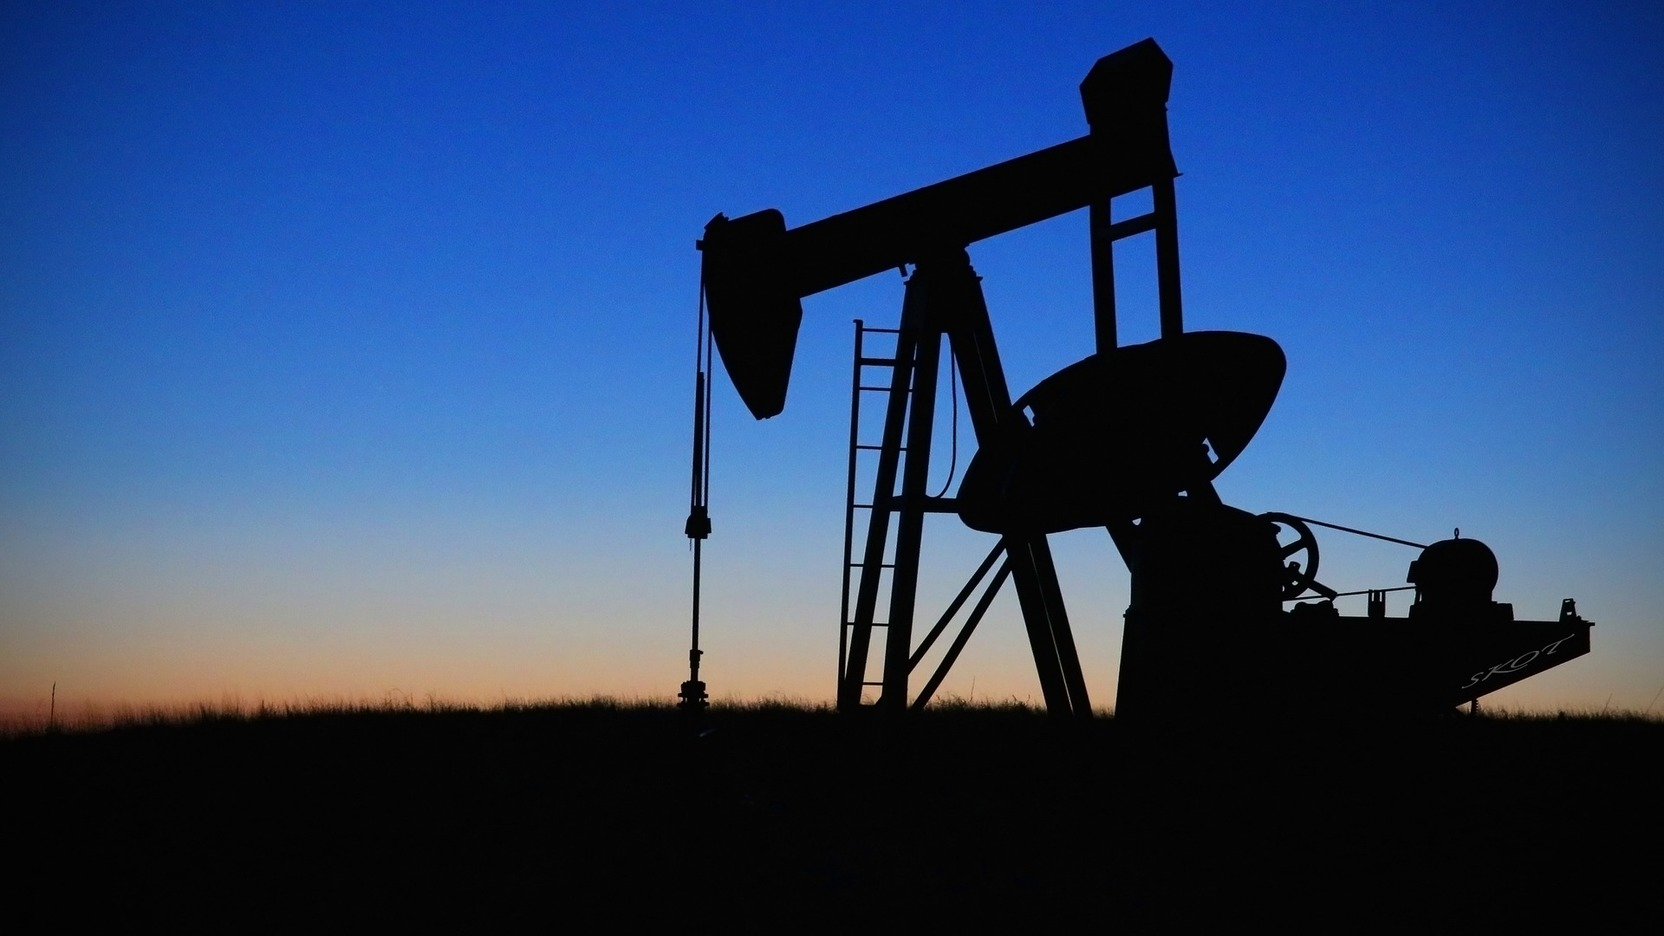 В Лукойле допустили обрушение рынка нефти при $100 за баррель